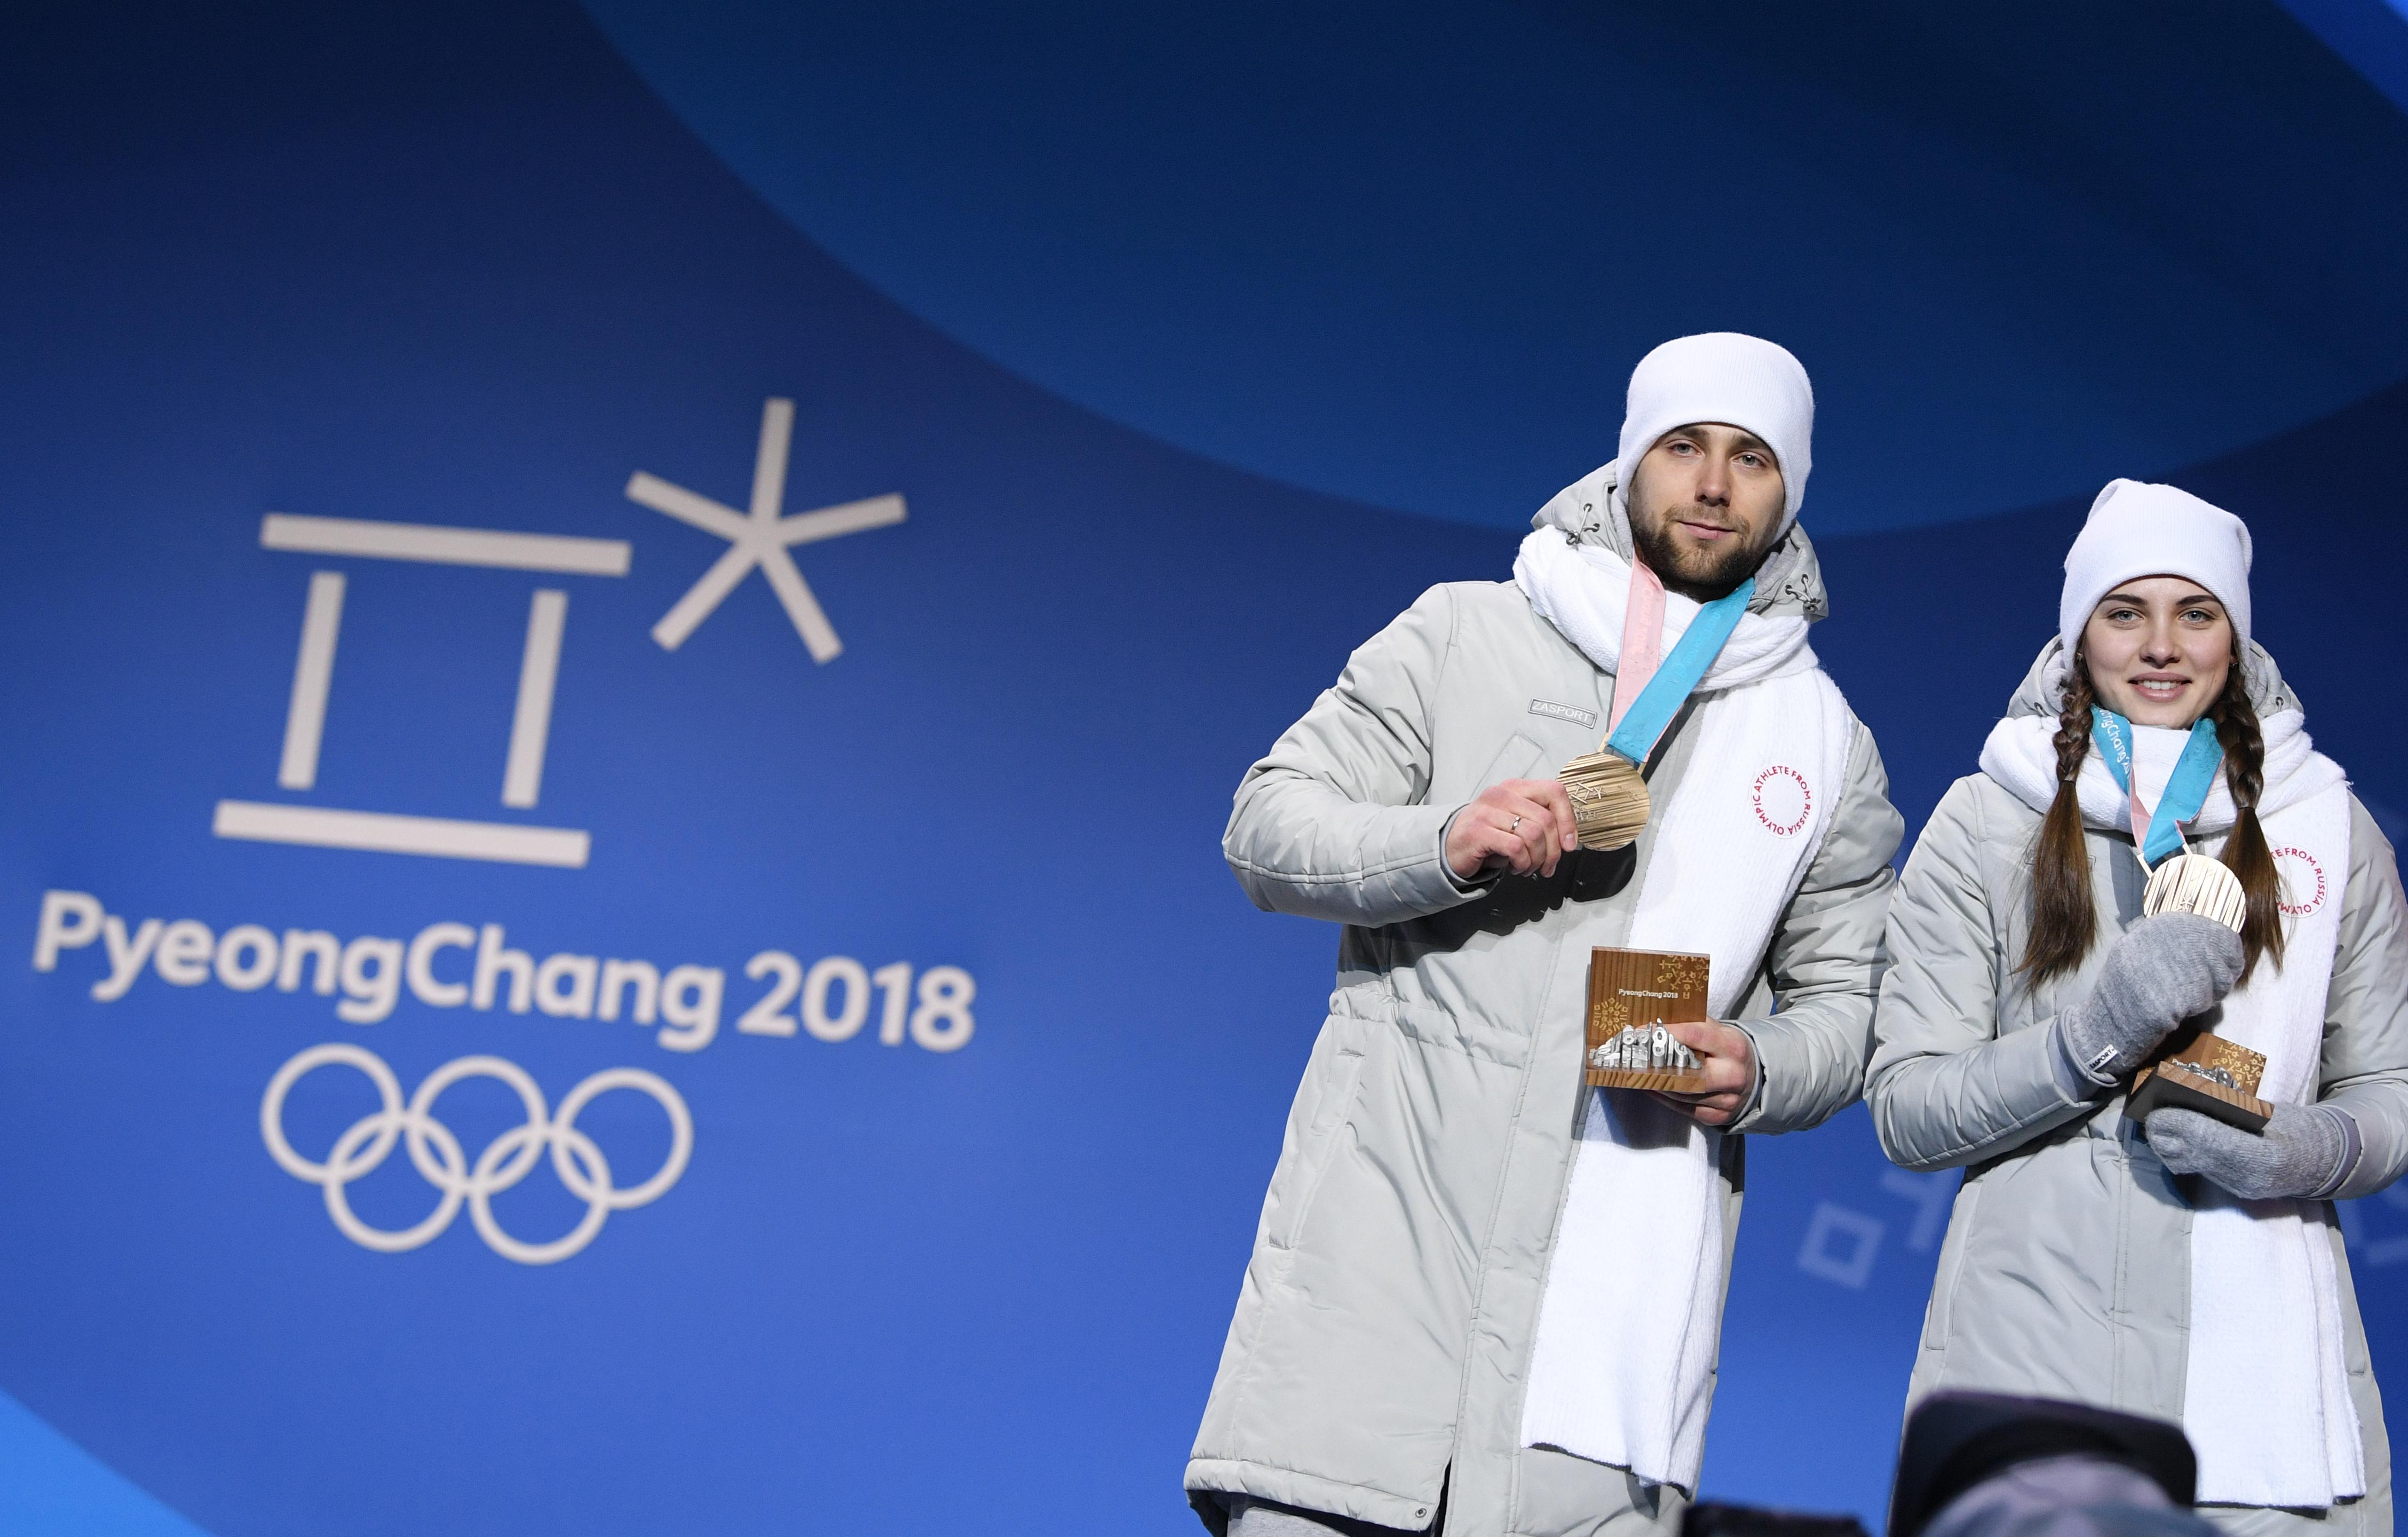 Doppingolásért elvették az orosz curlingpáros bronzérmét